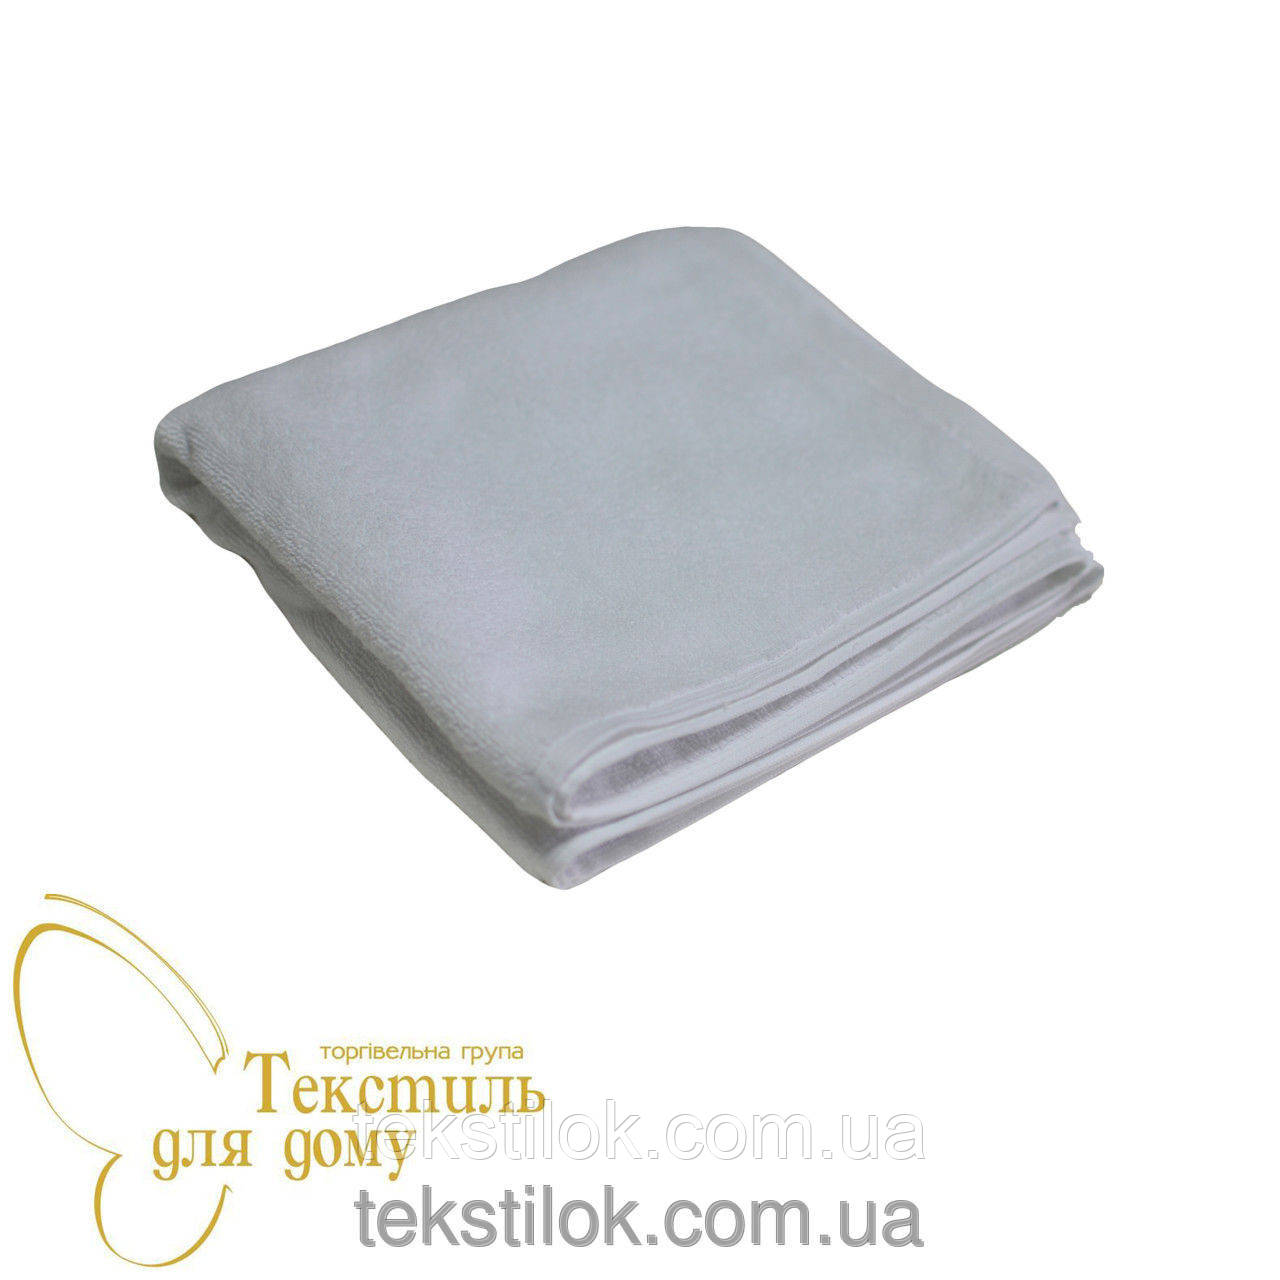 Полотенце белое махровое70*140